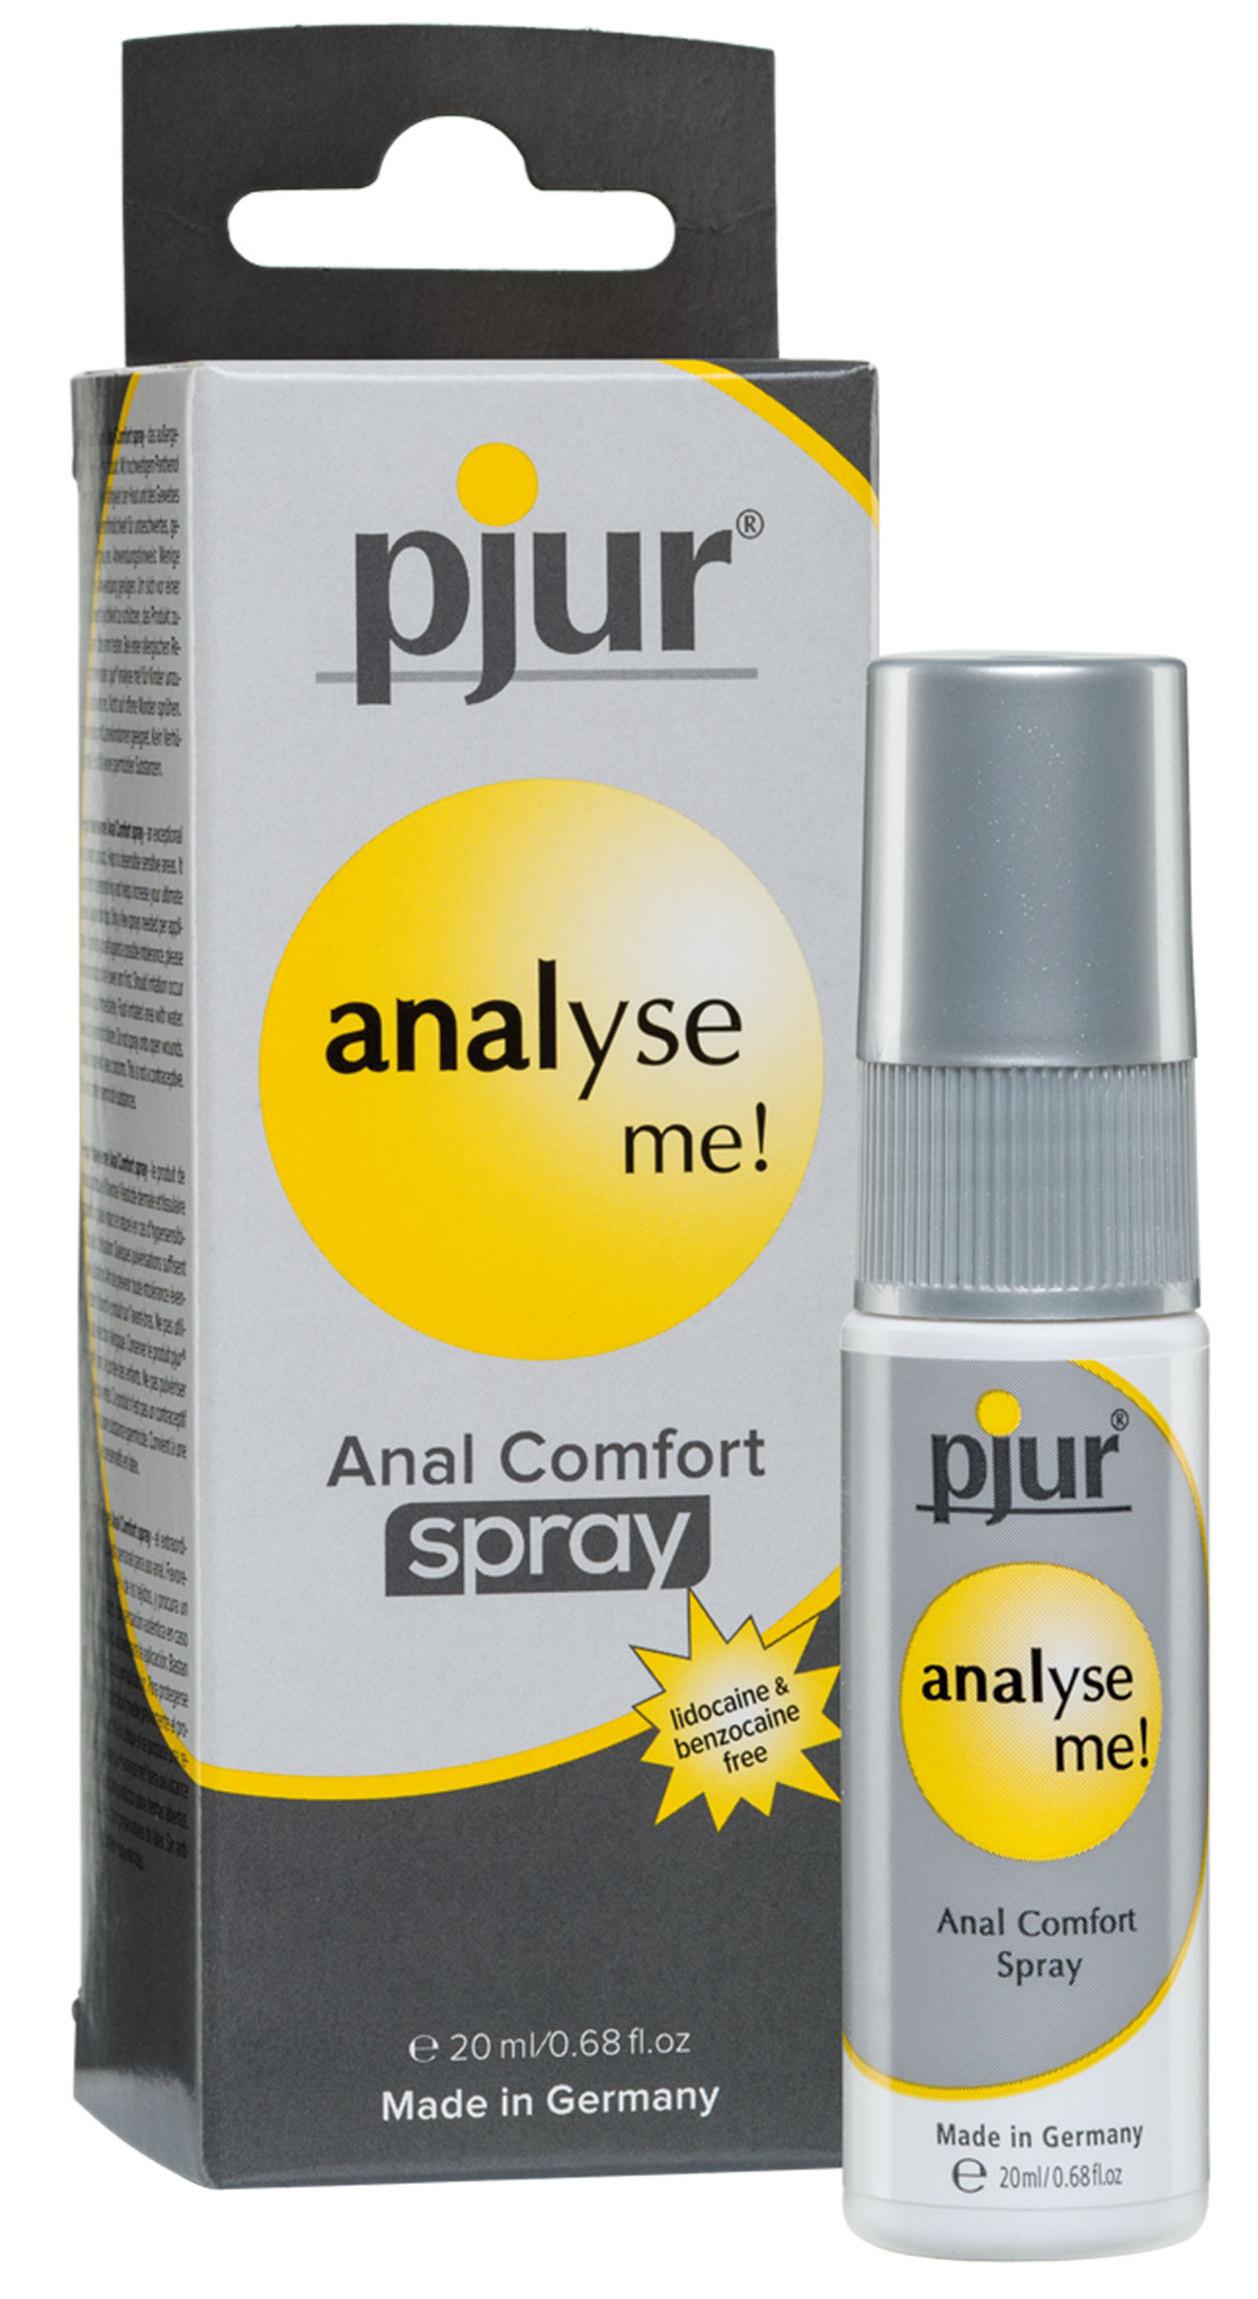 Pjur lubrikační sprej ANALyse me! (20 ml)